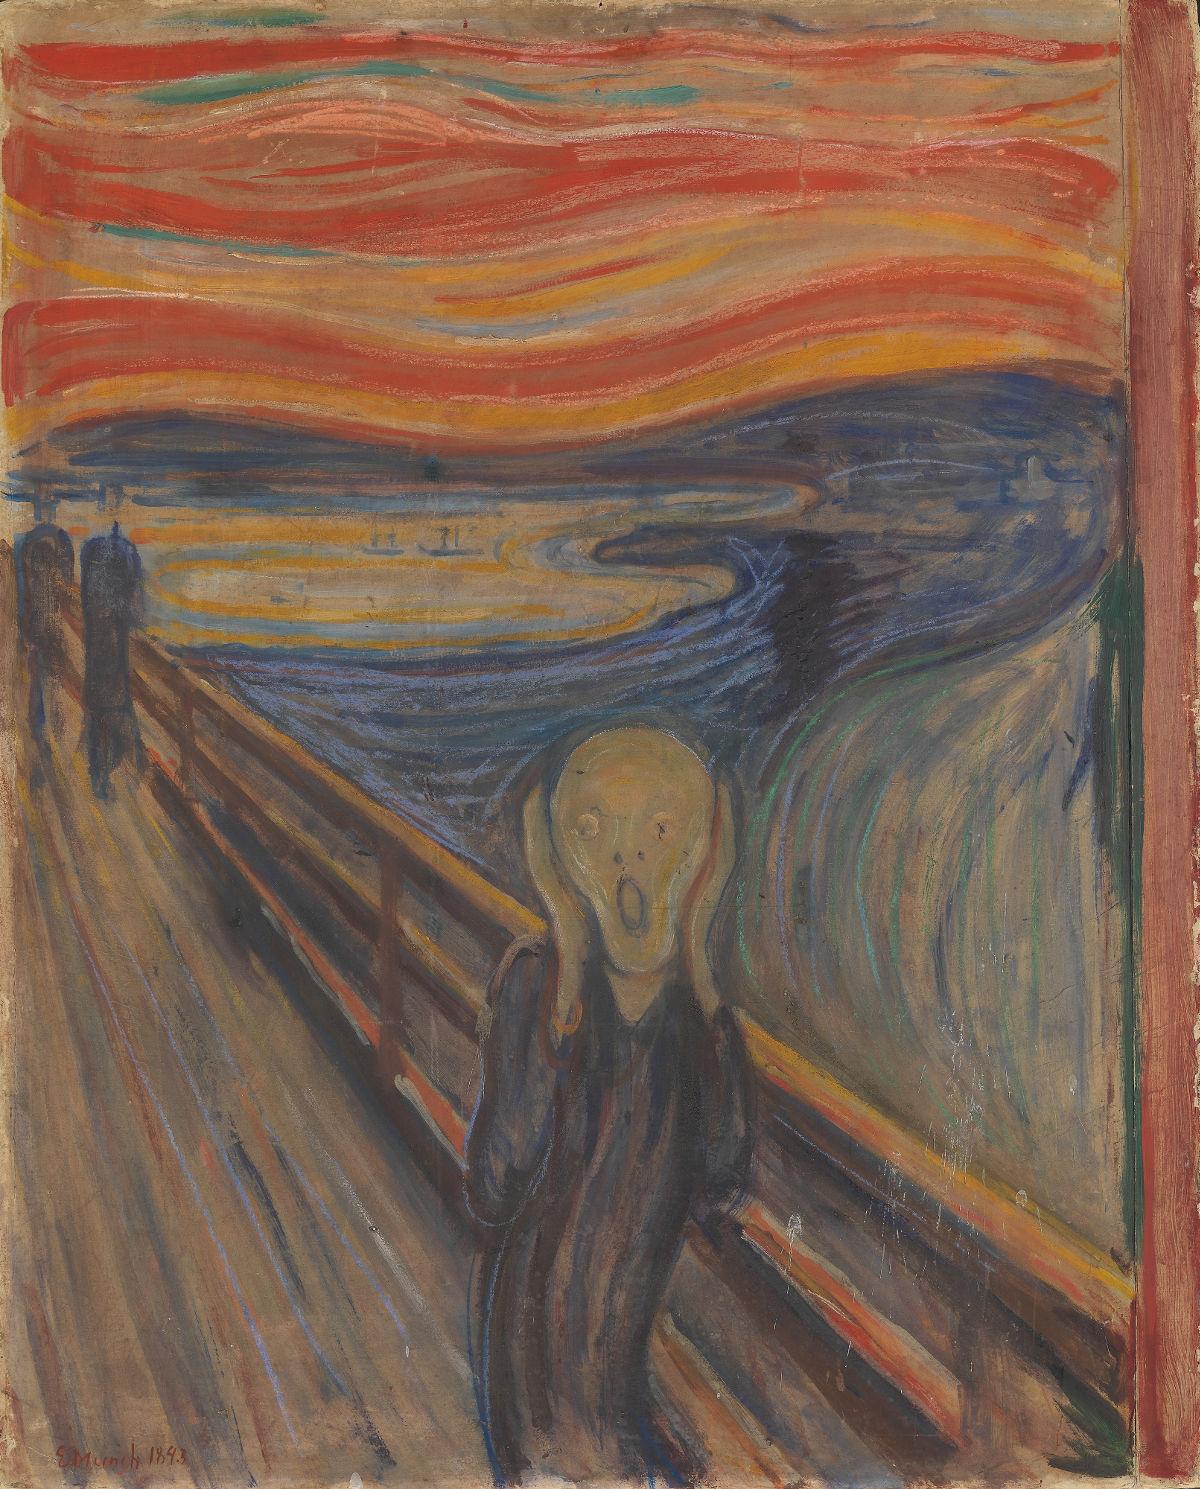 ภาพ The scream (National Gallery of Norway)